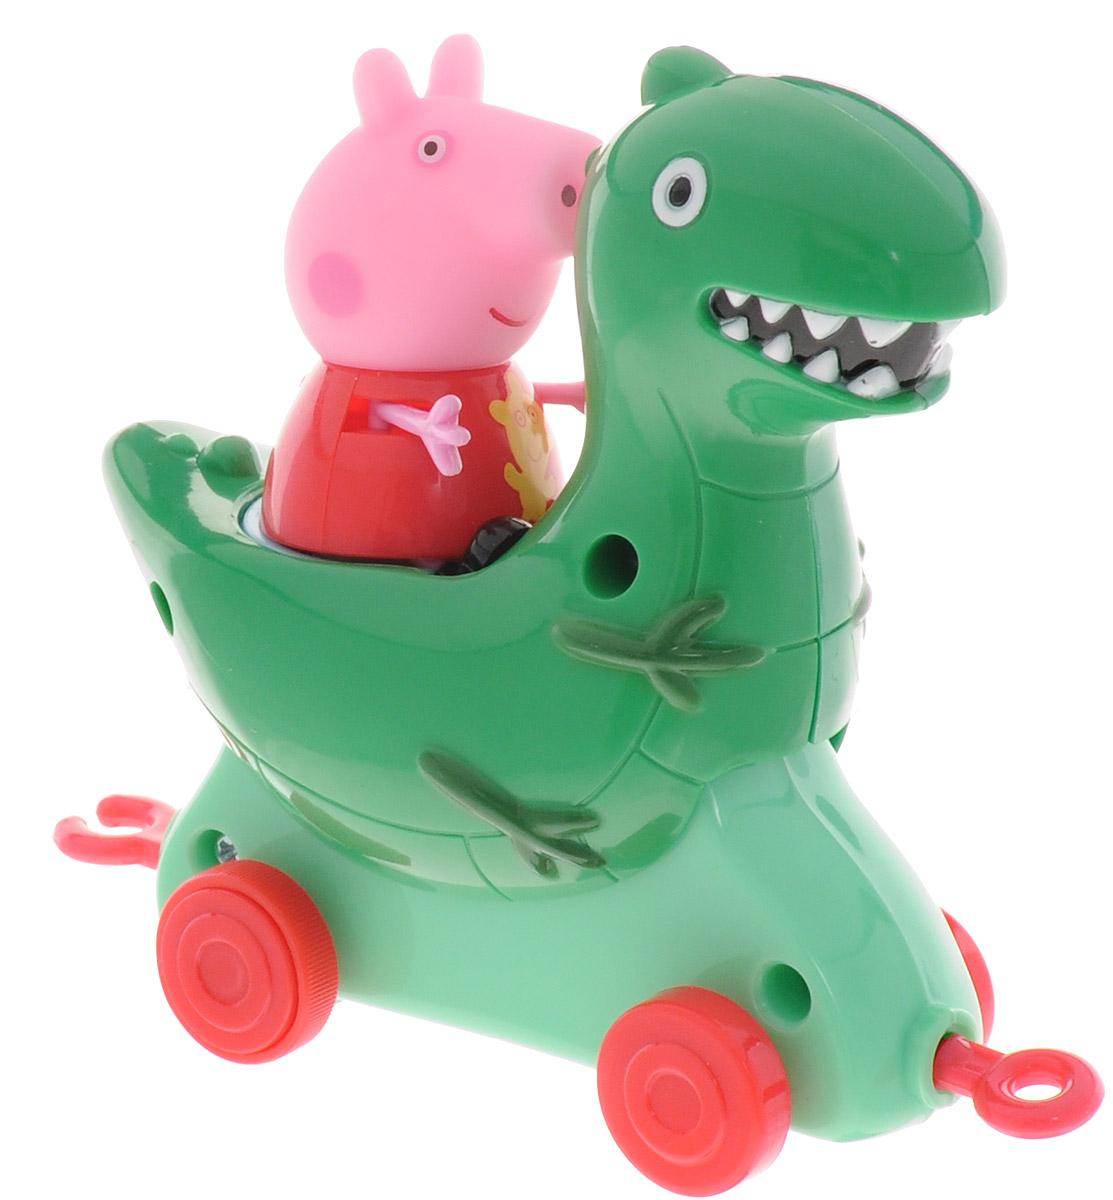 Peppa Pig Игровой набор Пеппа и Каталка Динозавр peppa pig игровой набор кухня пеппы